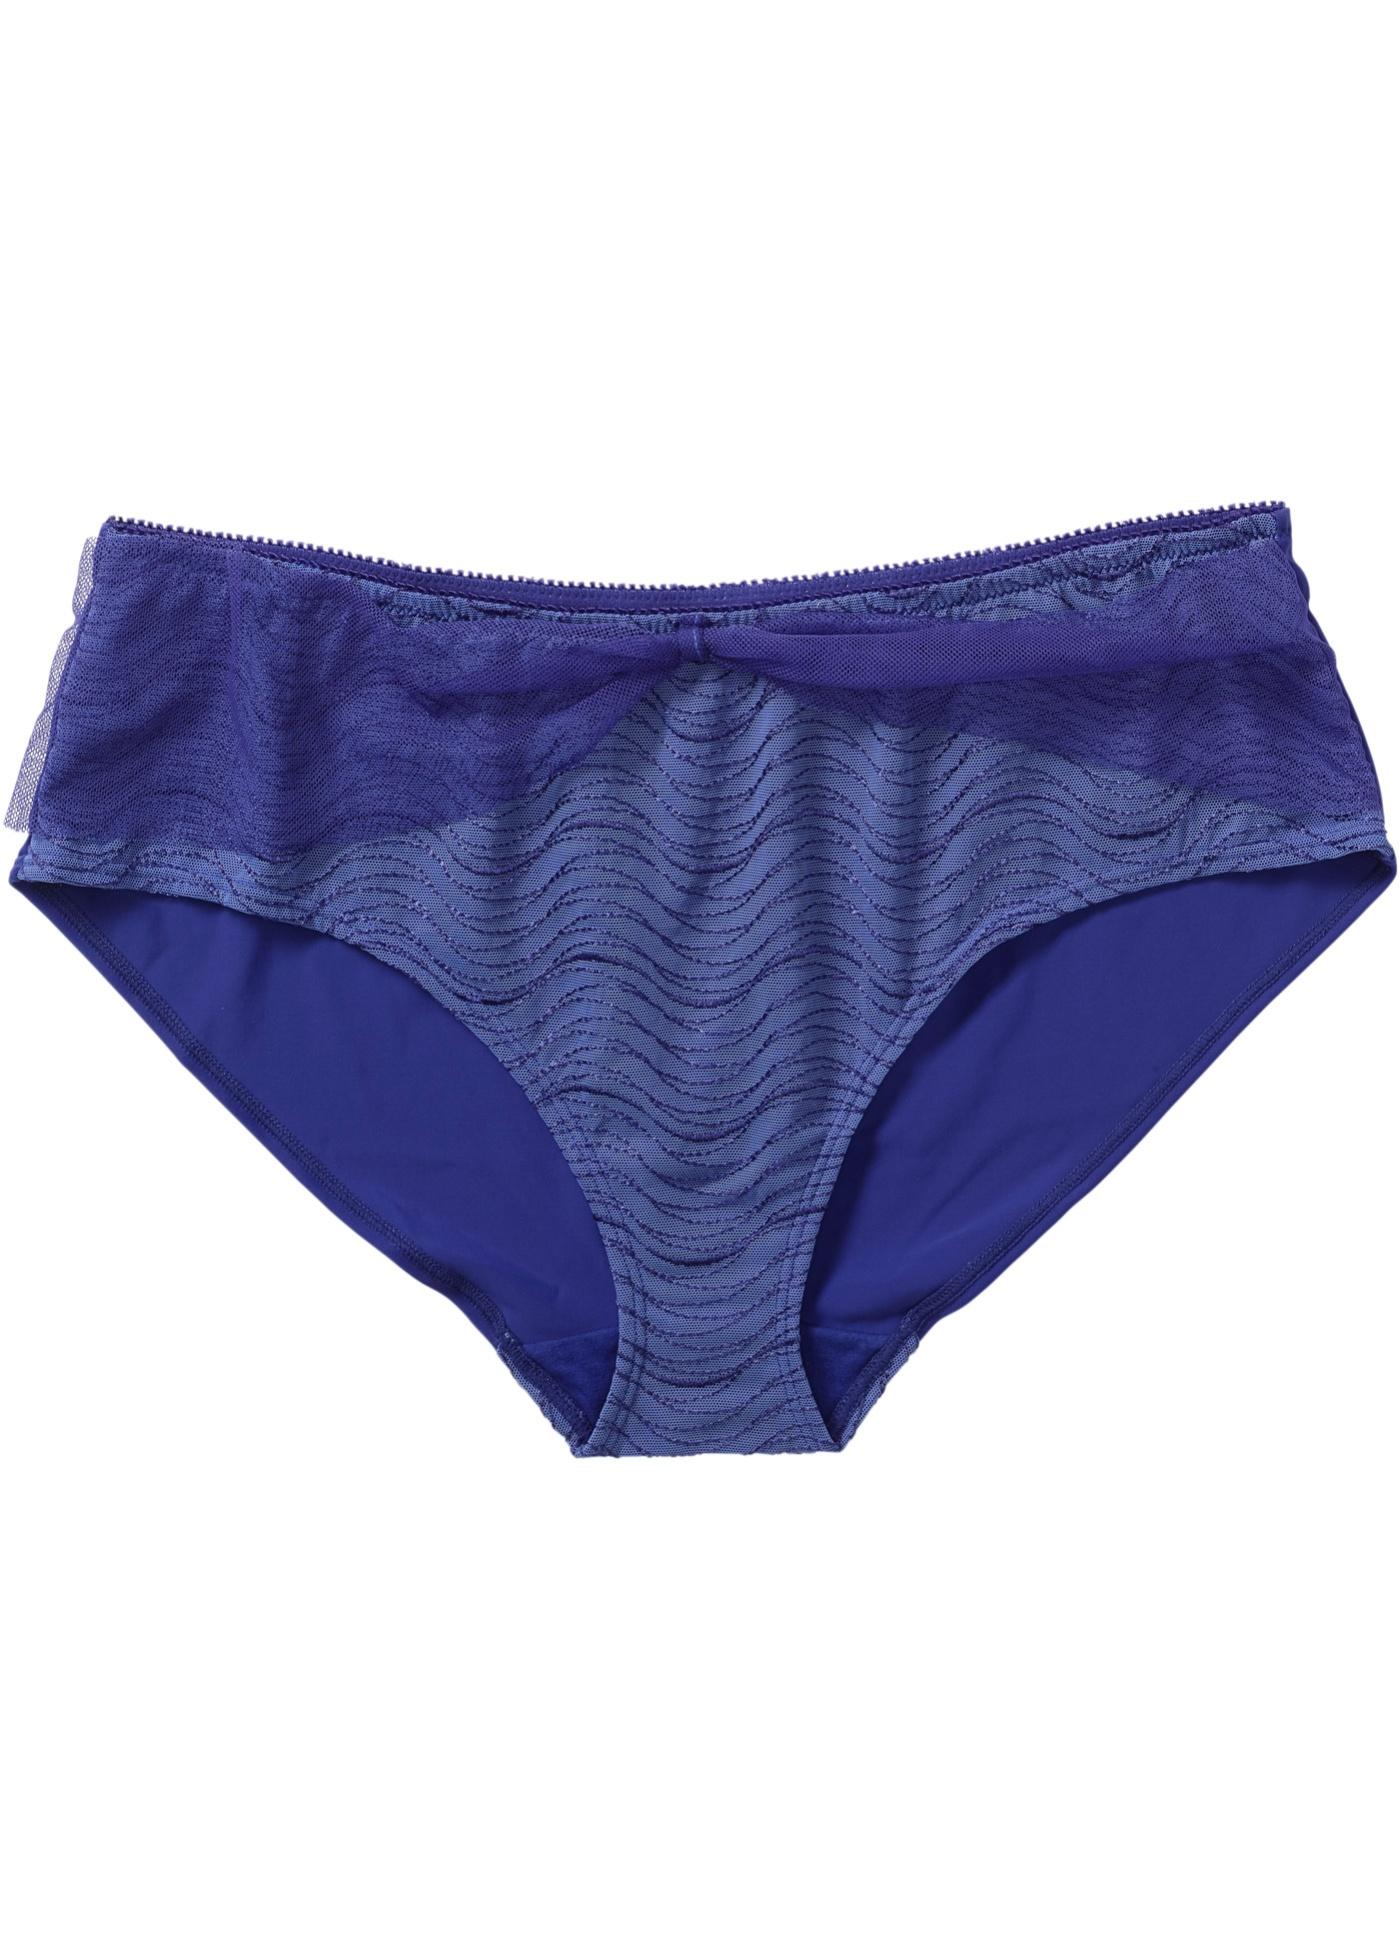 bpc selection Panty in blau für Damen von bonprix Wäsche Unterwäsche Damen Höschen Damen Panty